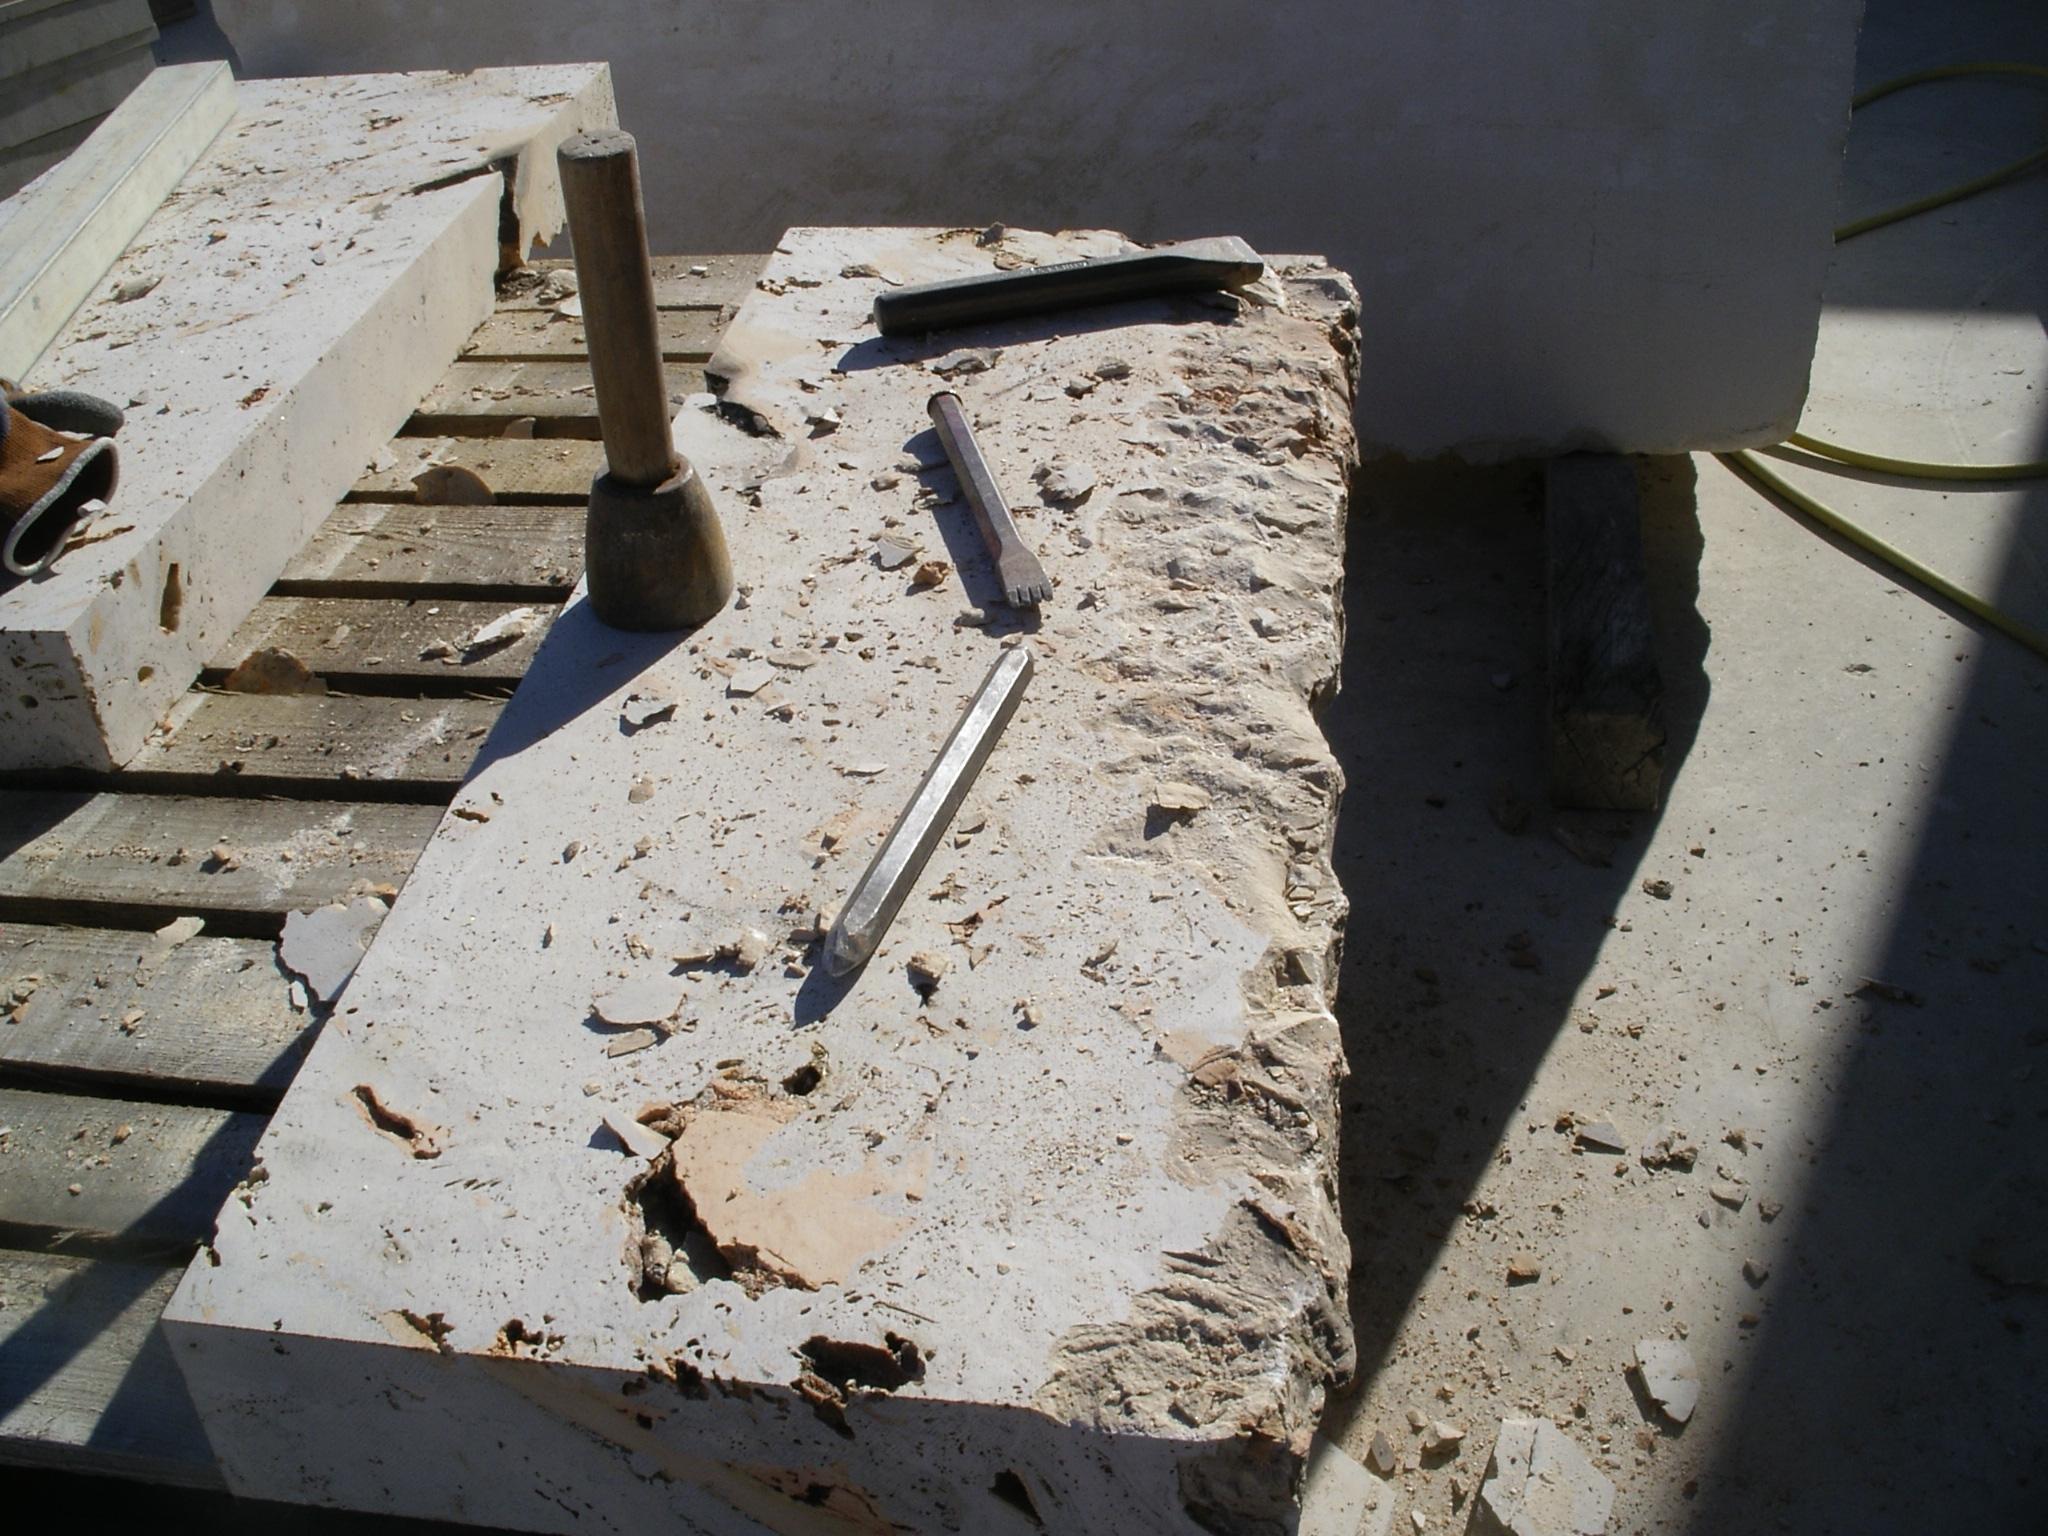 labores de desbastado de piedra. Primeros pasos en la cantería